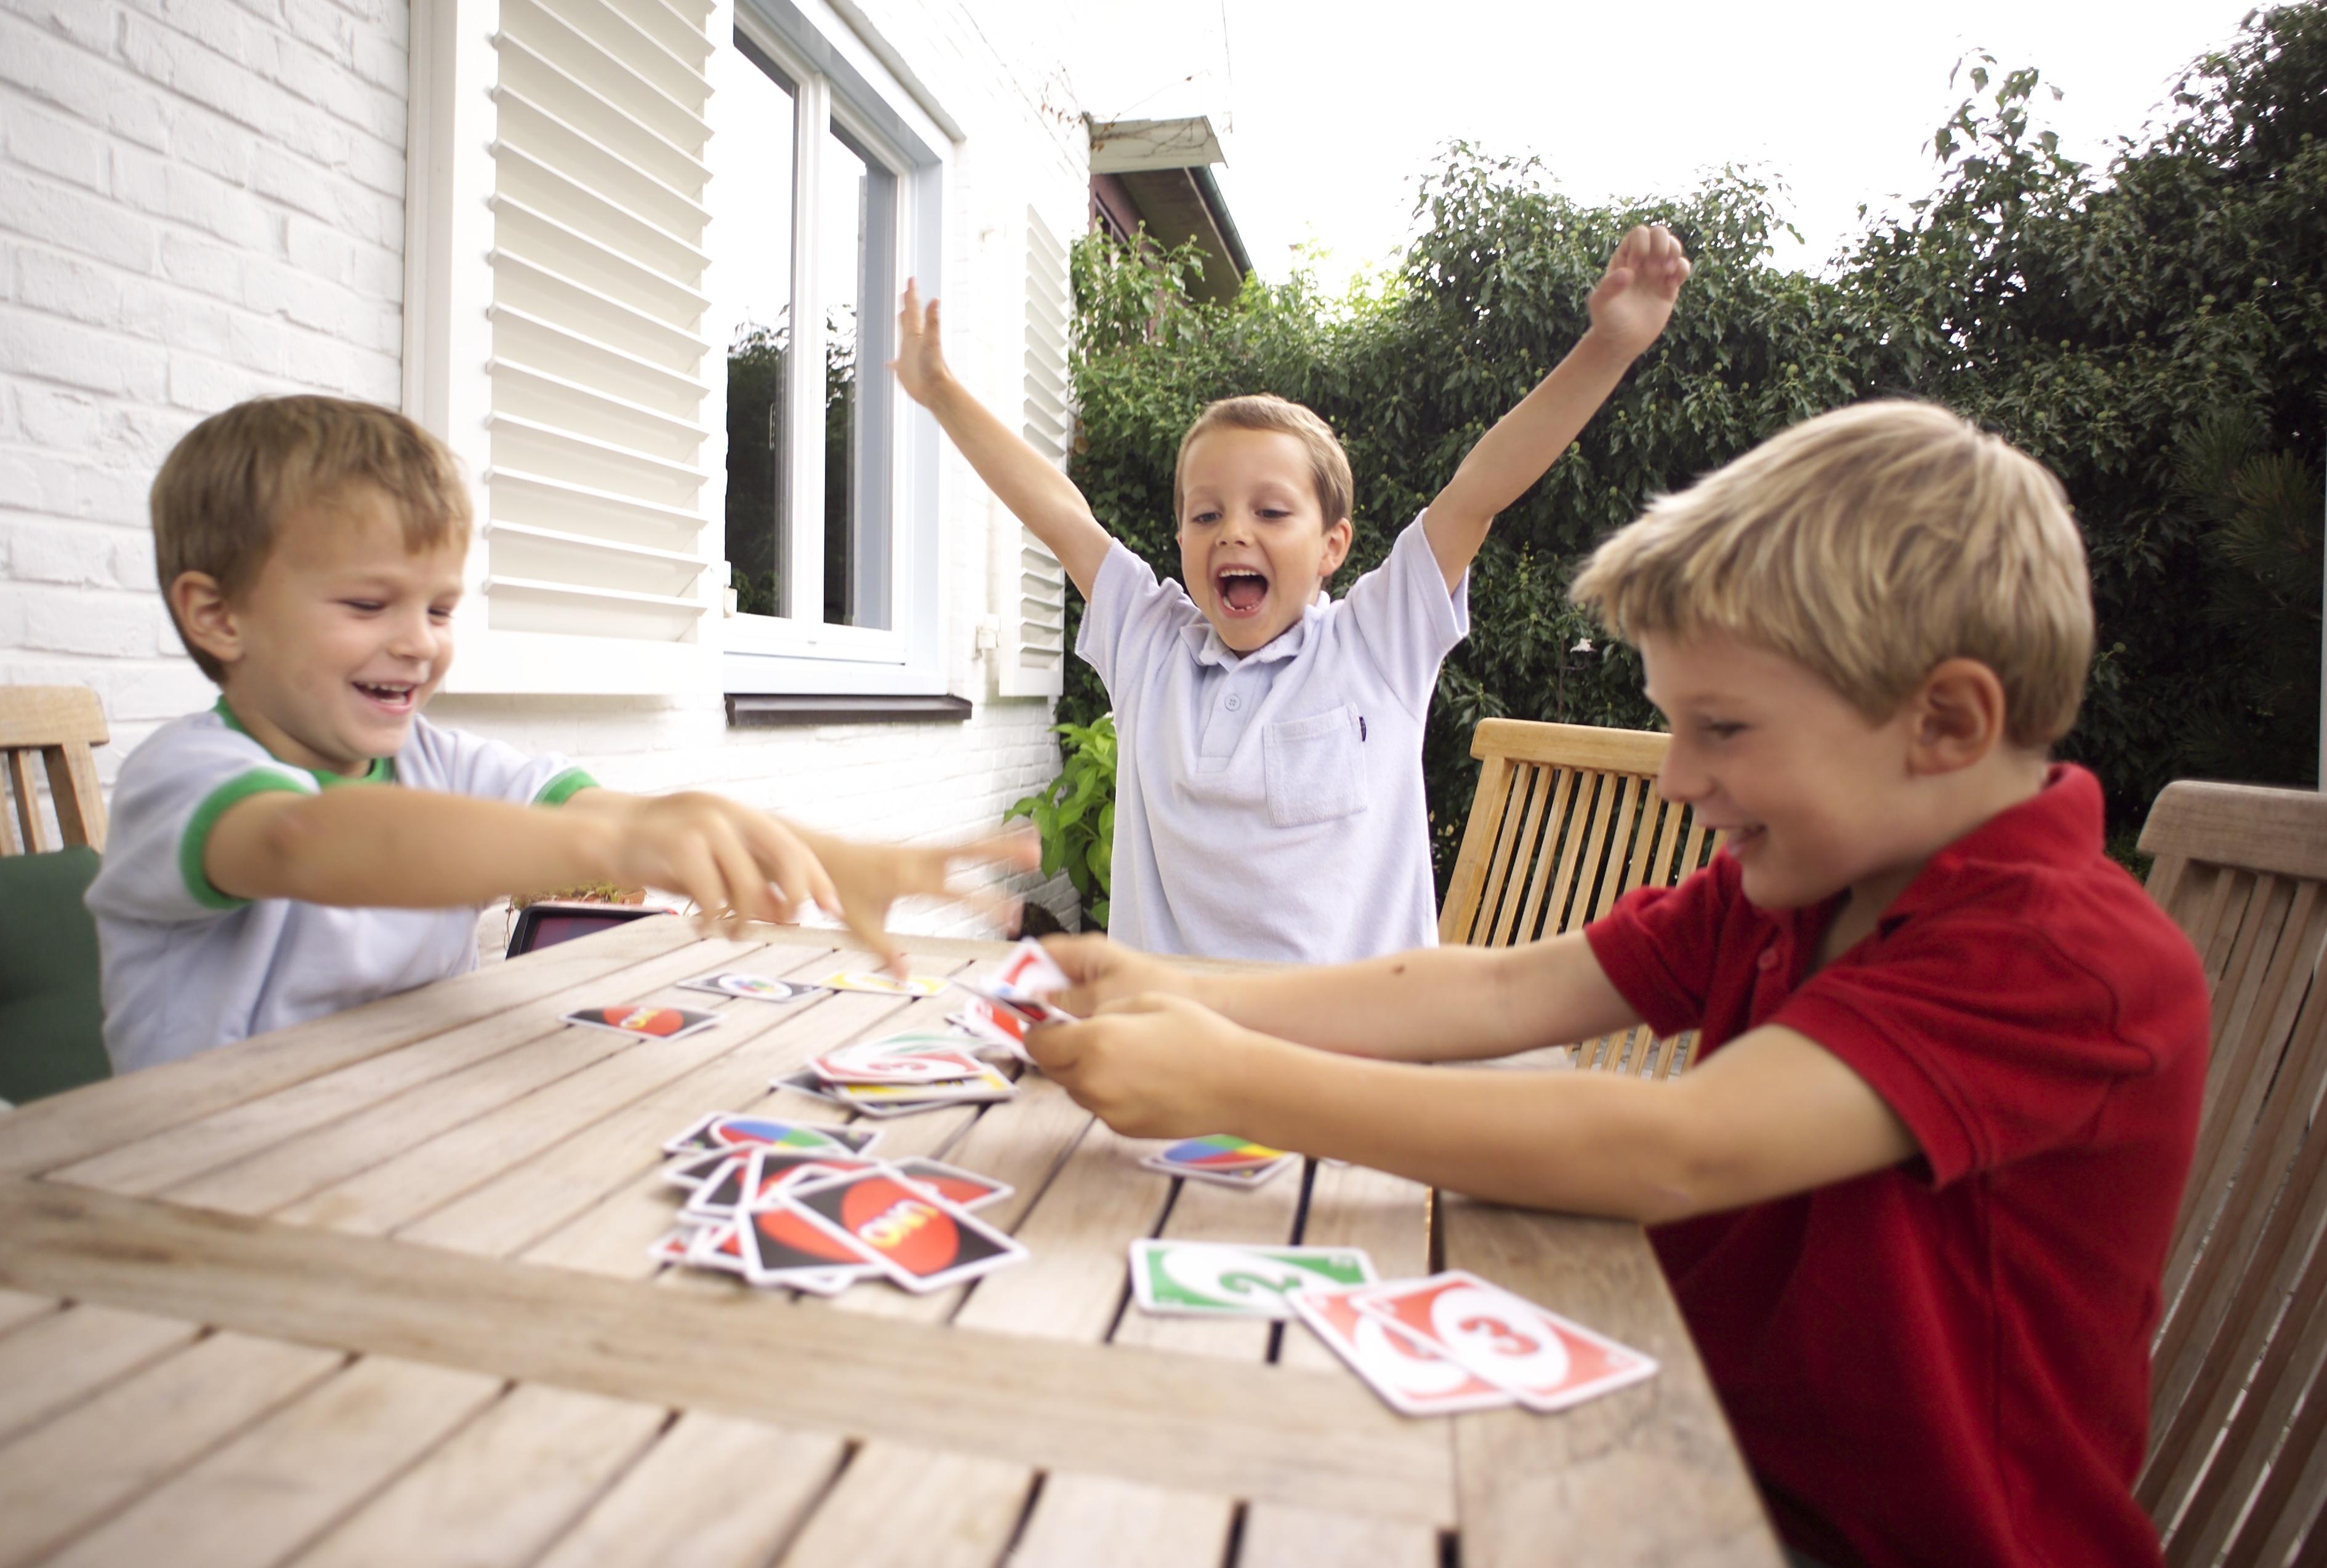 картинки настольные игры дома виниловые обои